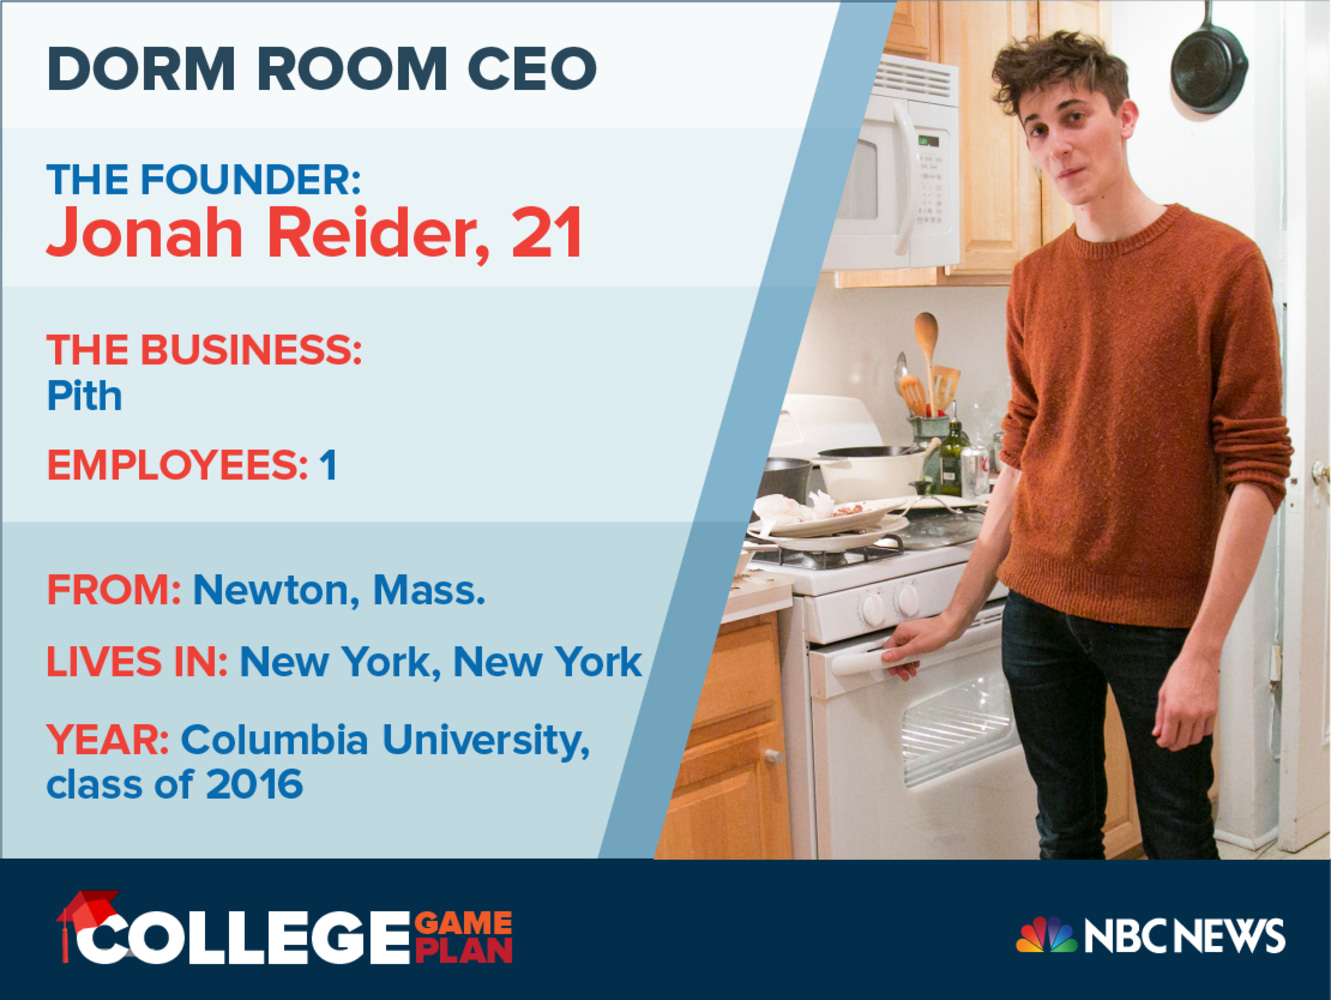 Dorm Room CEO: Meet Jonah Reider, Columbia Student Turned